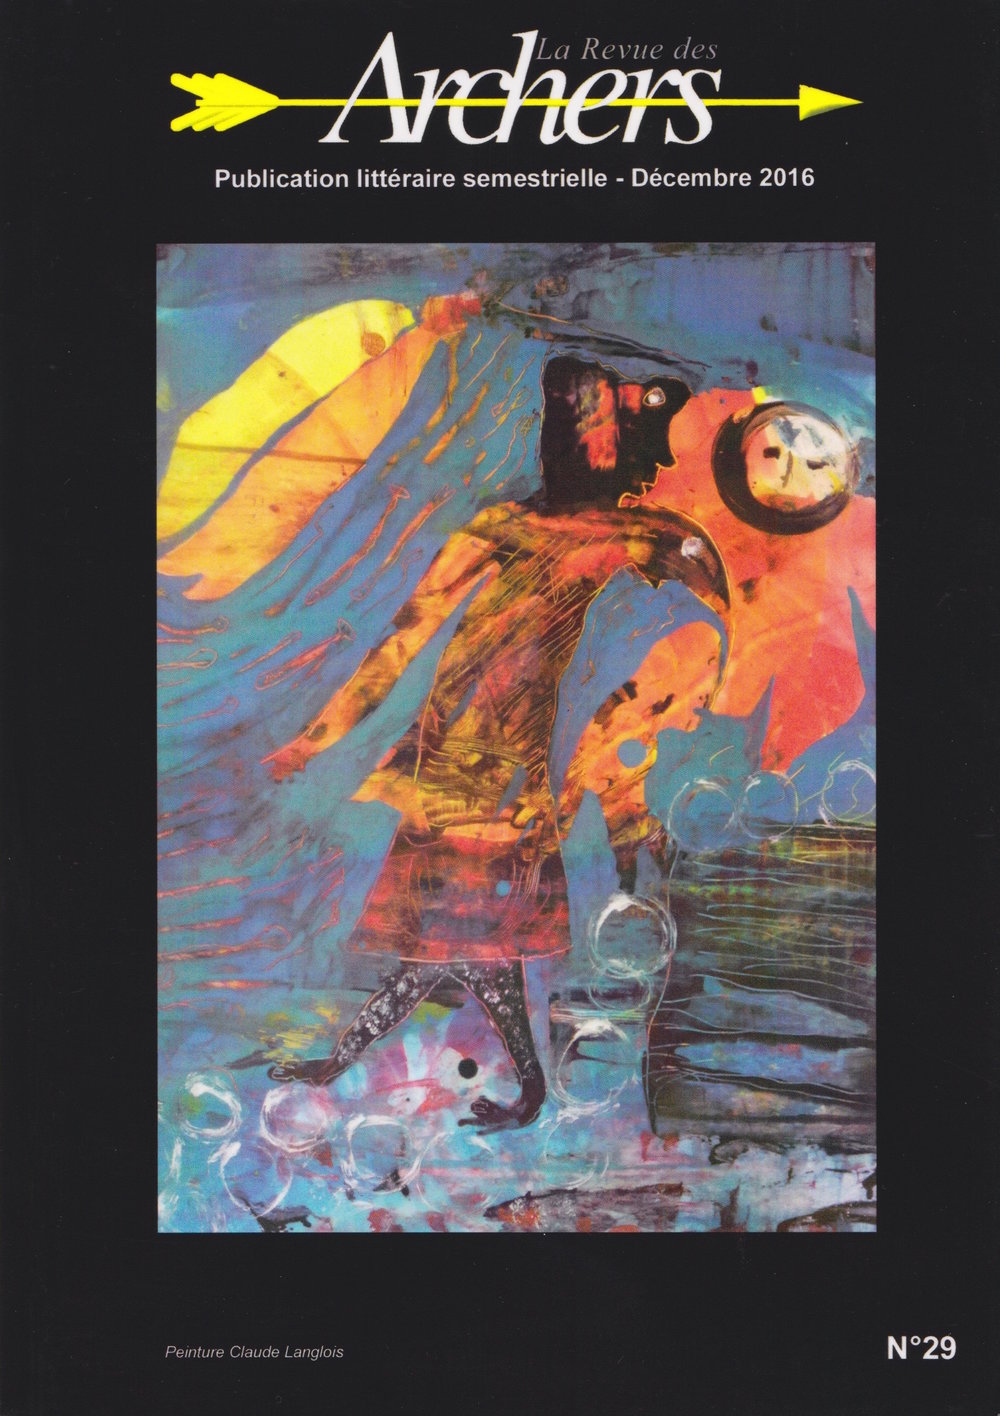 La Revue des Archers n°29, Décembre 2016.jpg